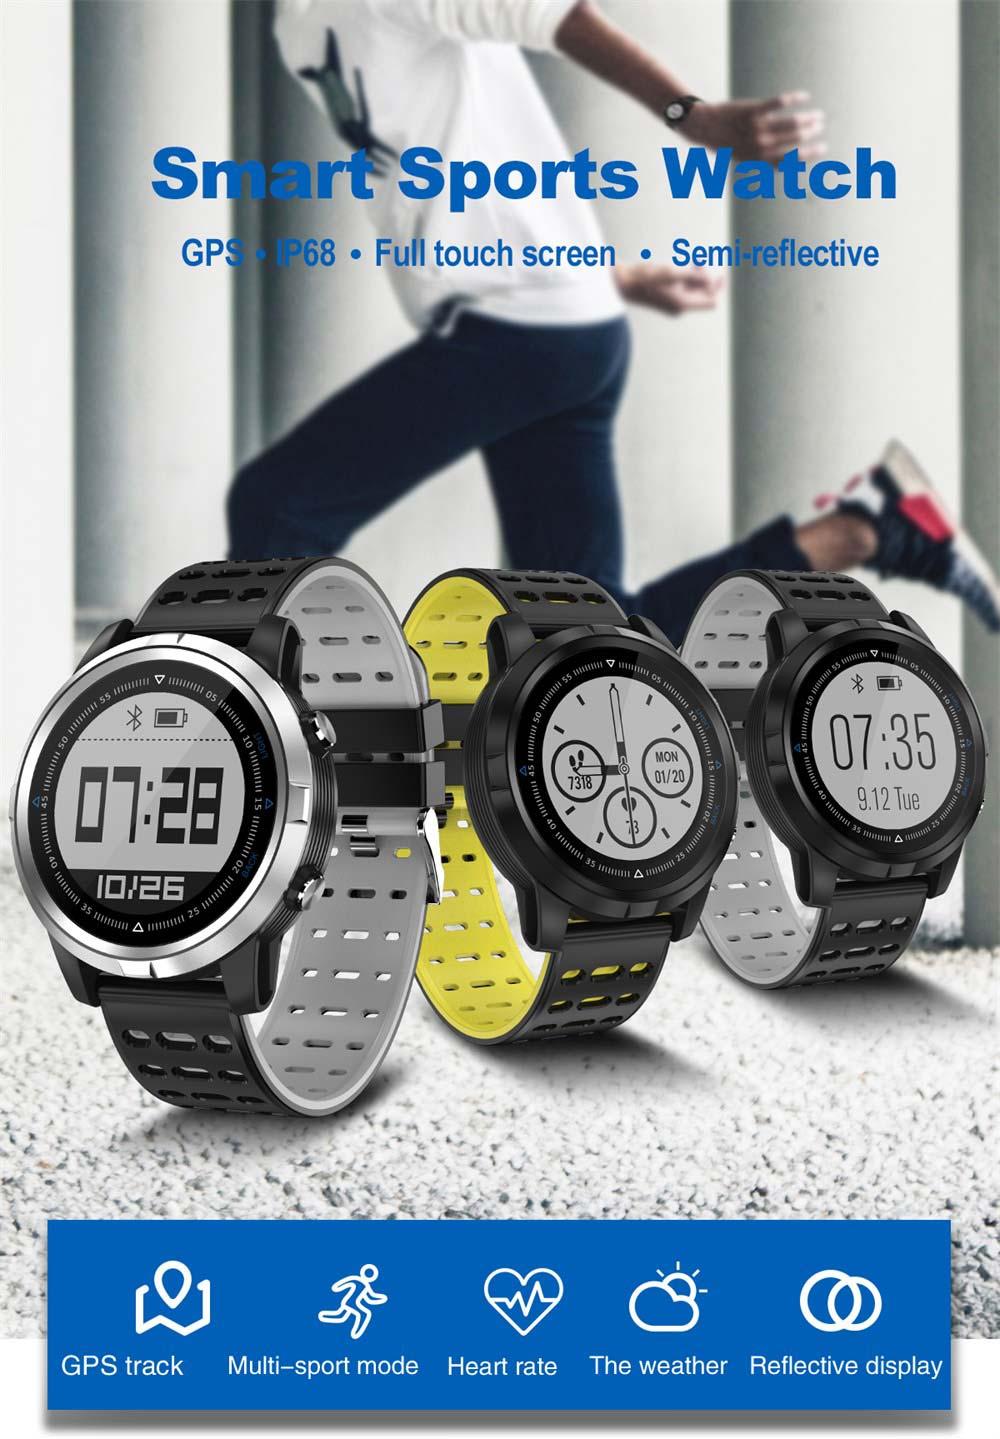 N105 GPS reloj inteligente - pantalla táctil completa, monitor de frecuencia cardíaca N105-GPS-Smartwatch-1